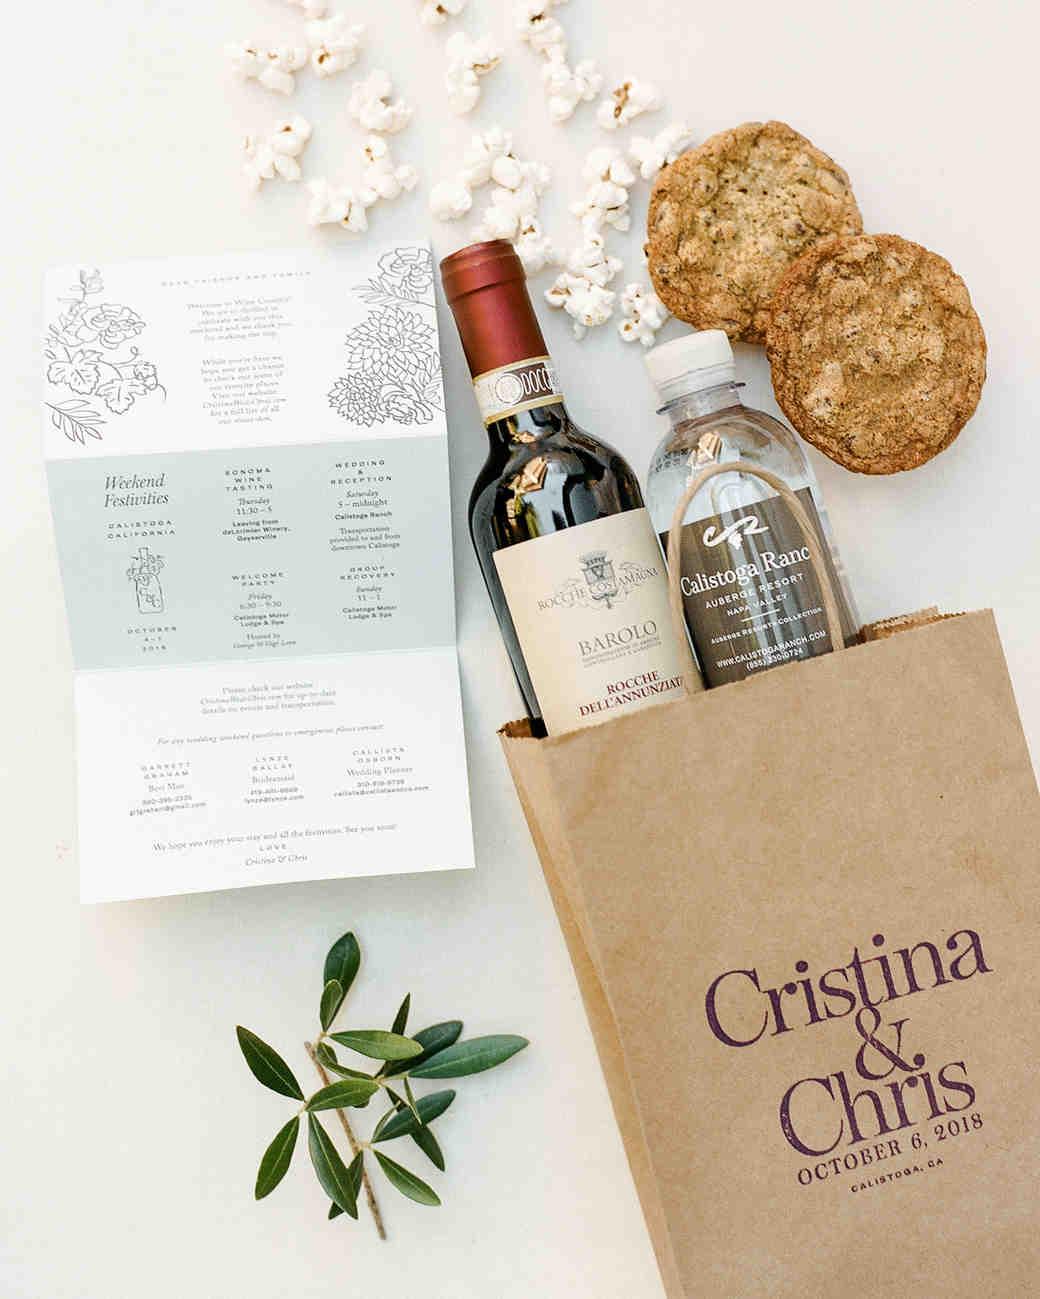 cristina chris wedding welcome bag